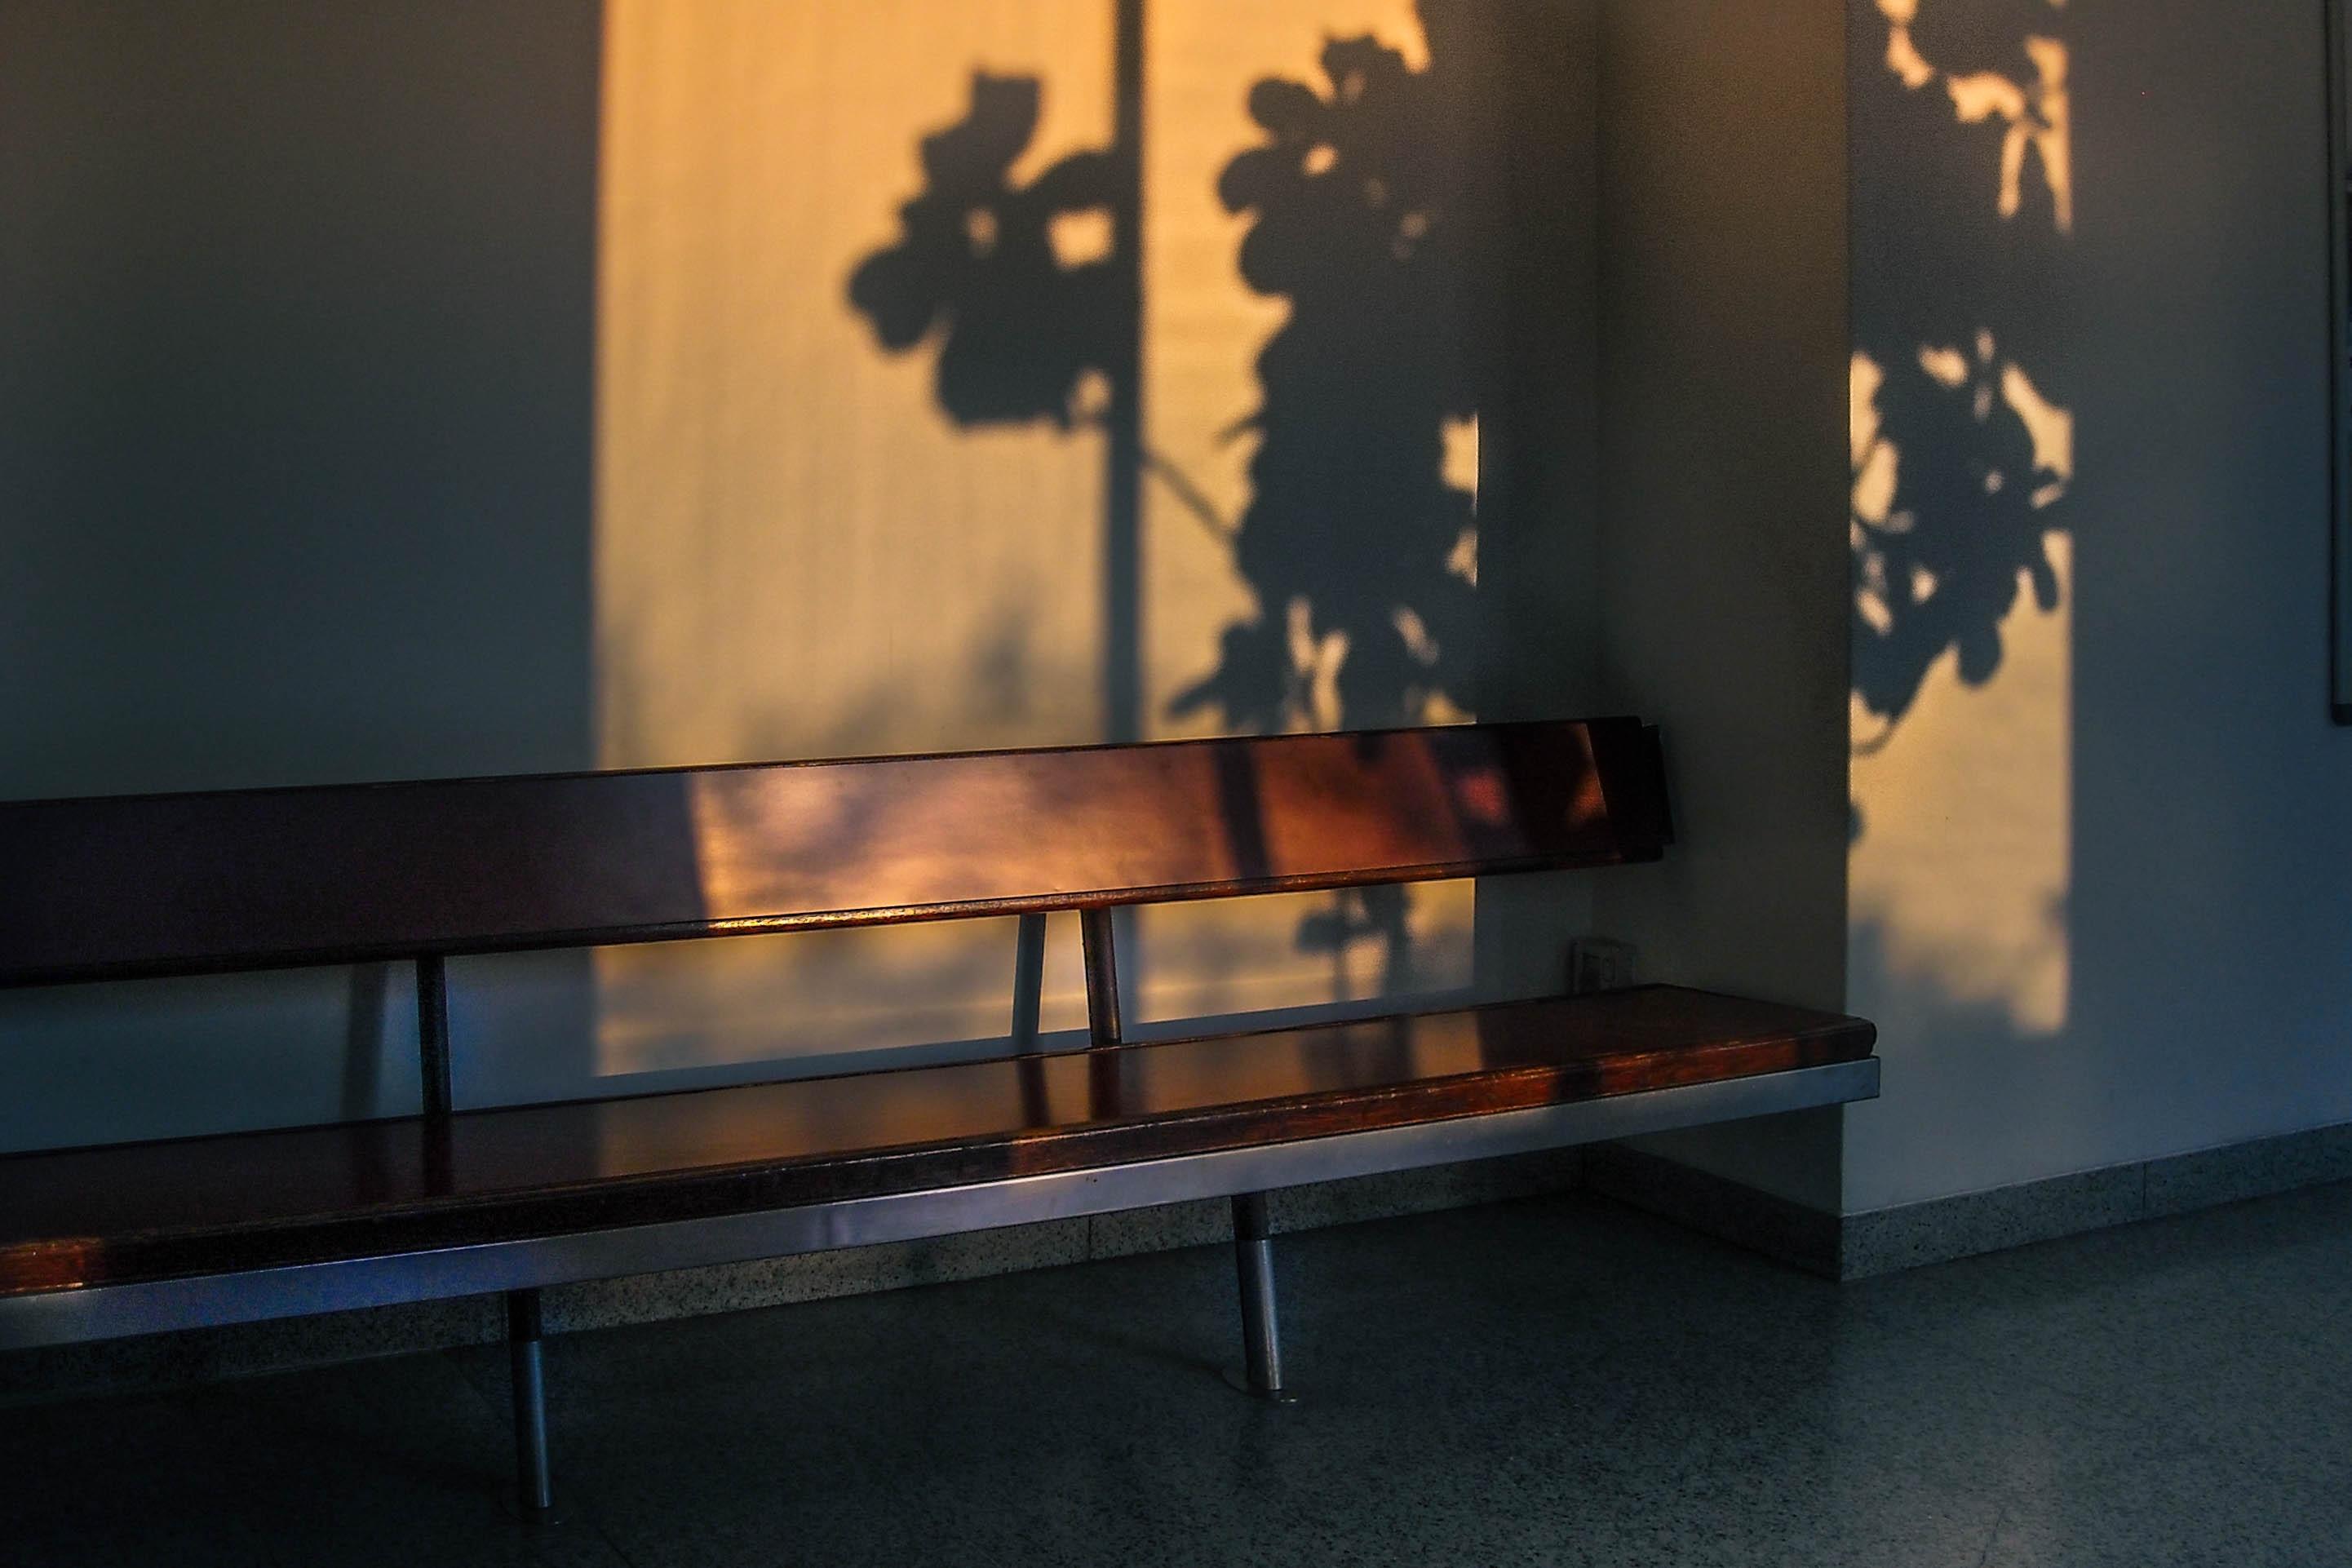 Henco Furniture Interior Design Pt ~ Banco de imagens mesa luz madeira retro